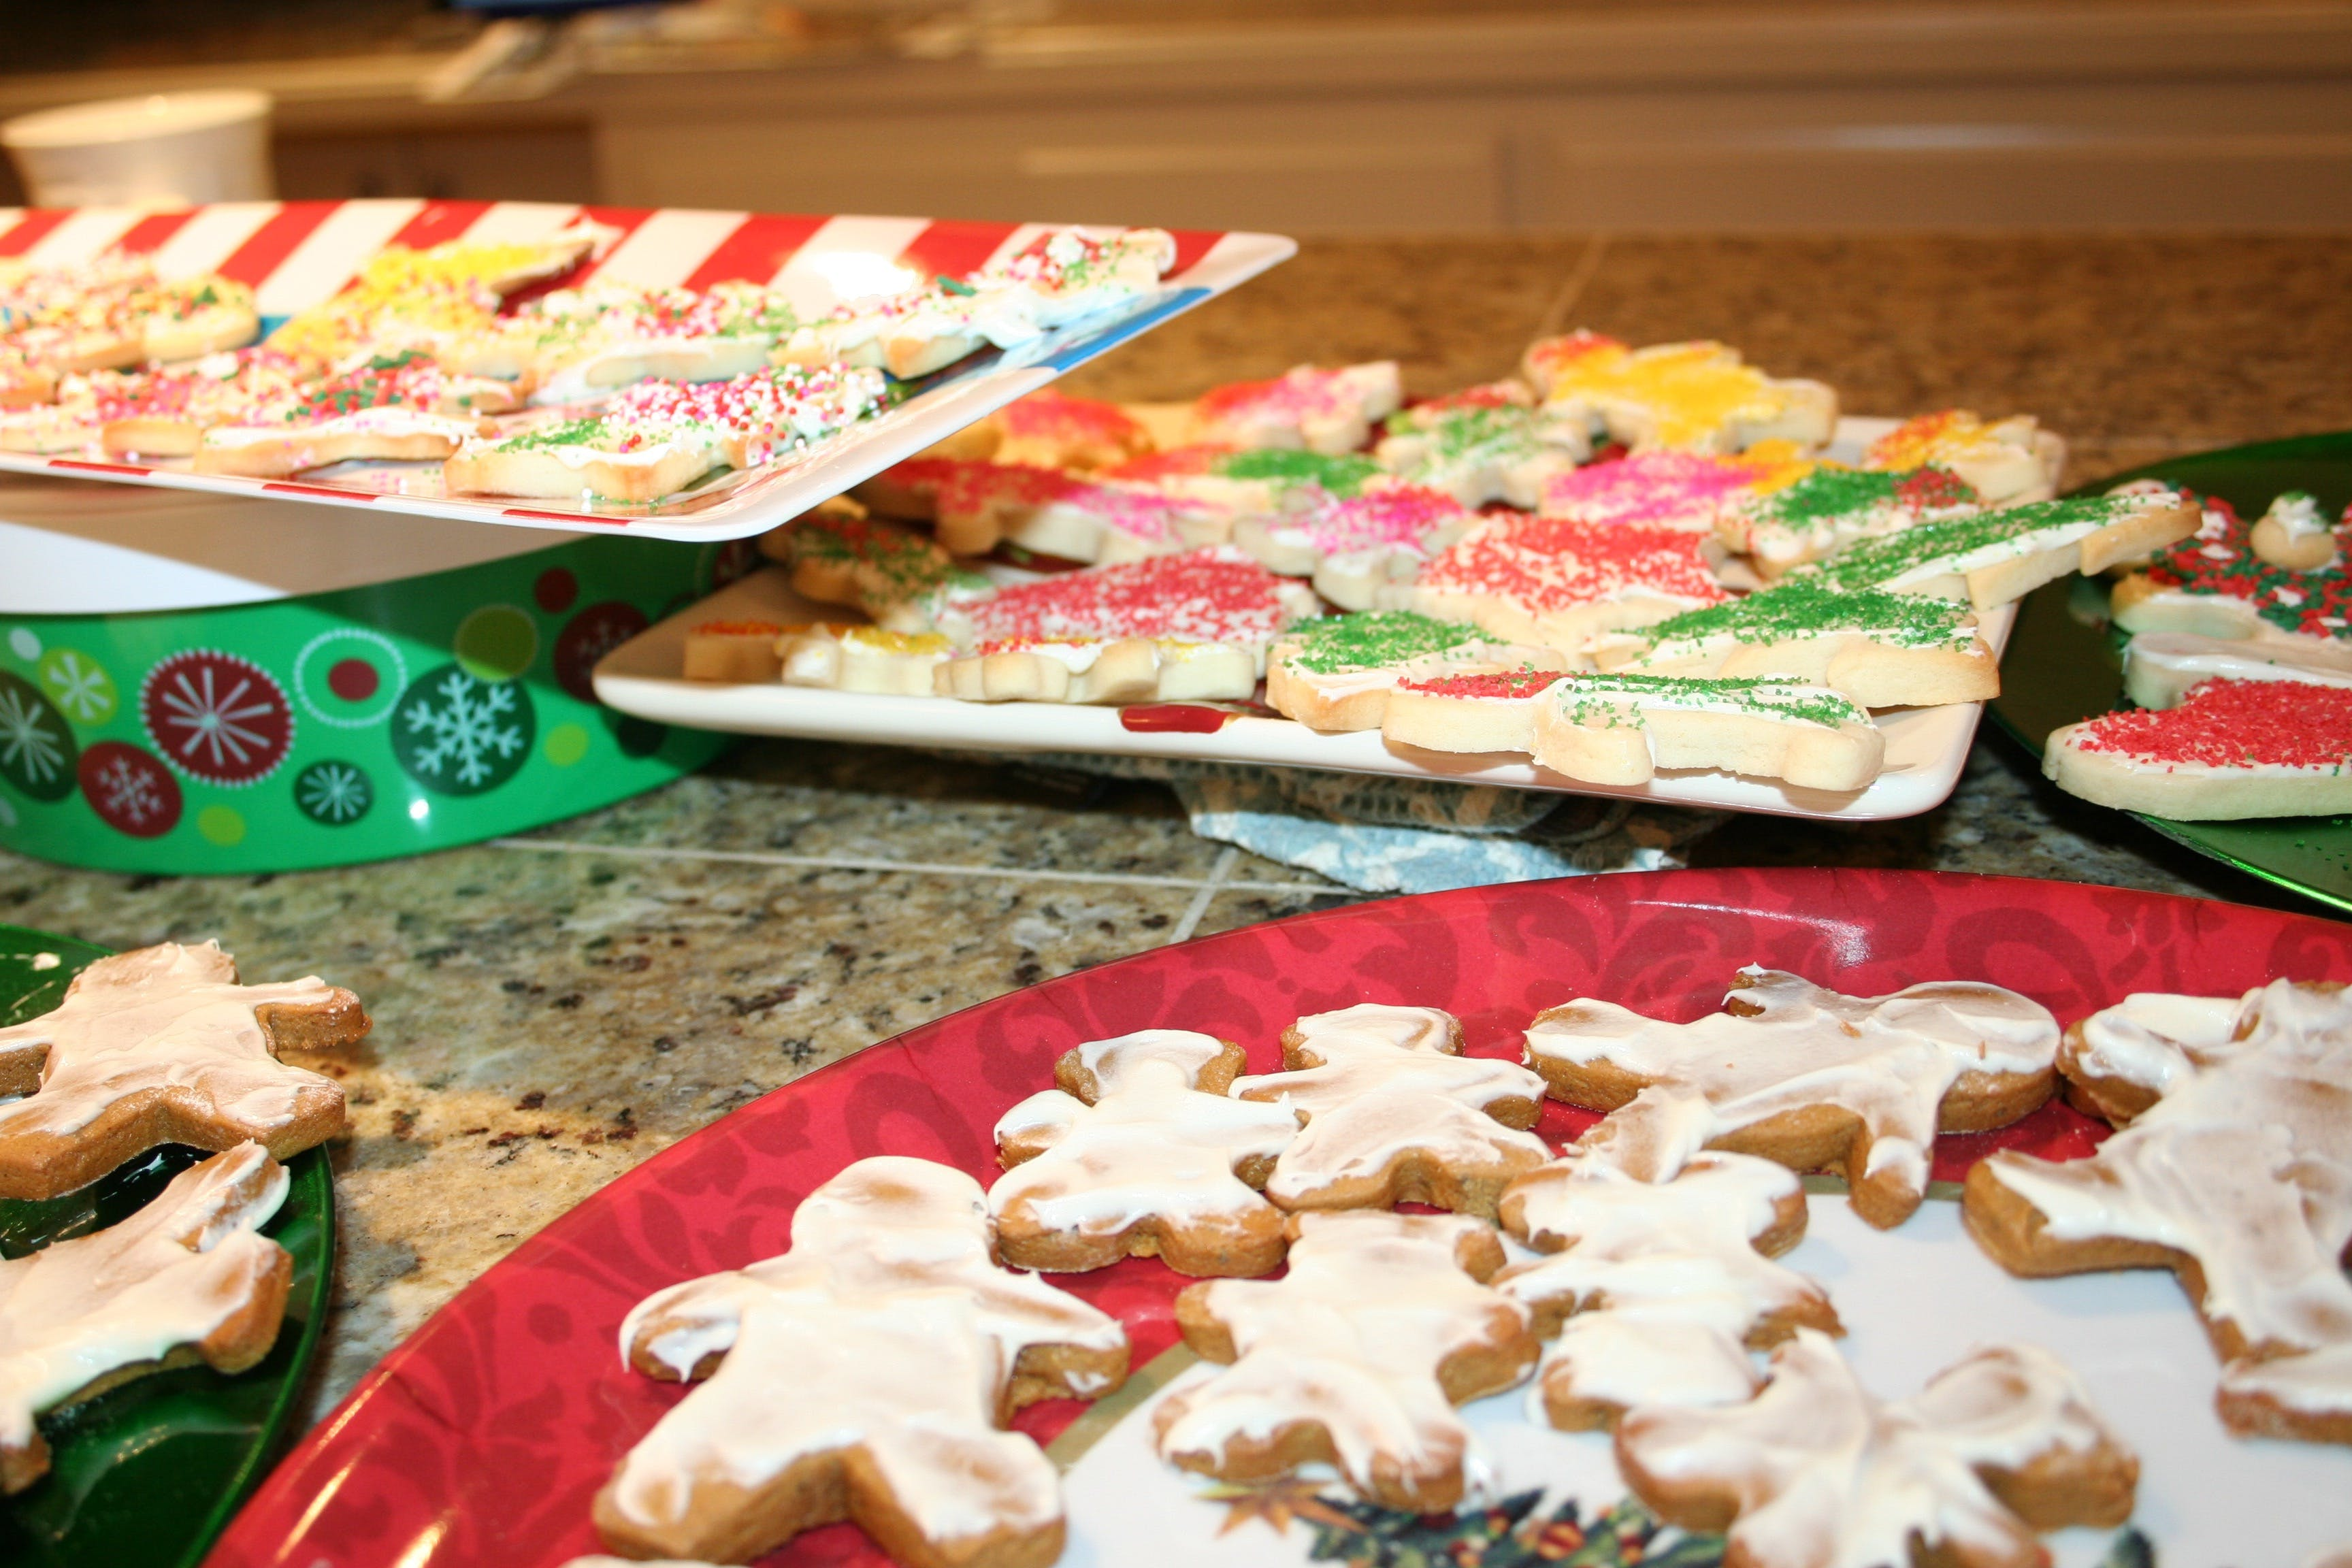 Gratis lagerfoto af honningkage, jul, julekager, sukkerkager